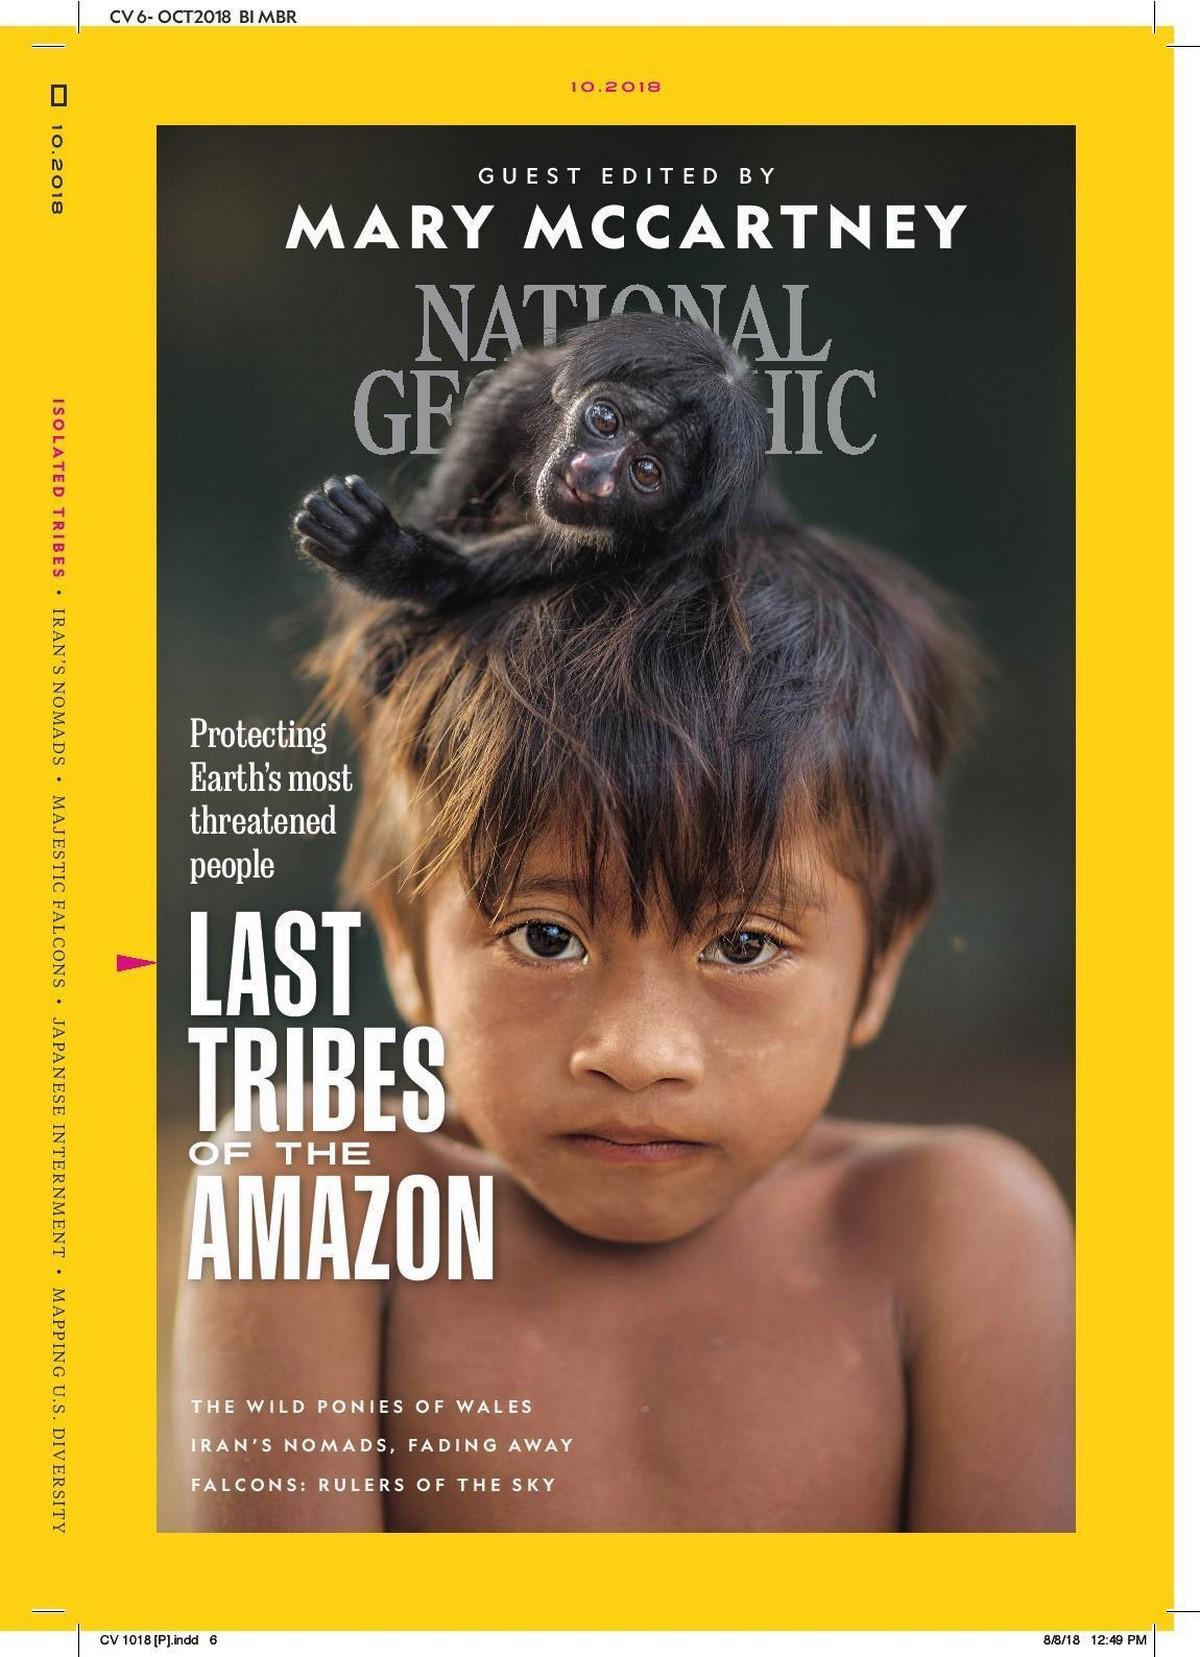 Представители самого исчезающего племени в мире